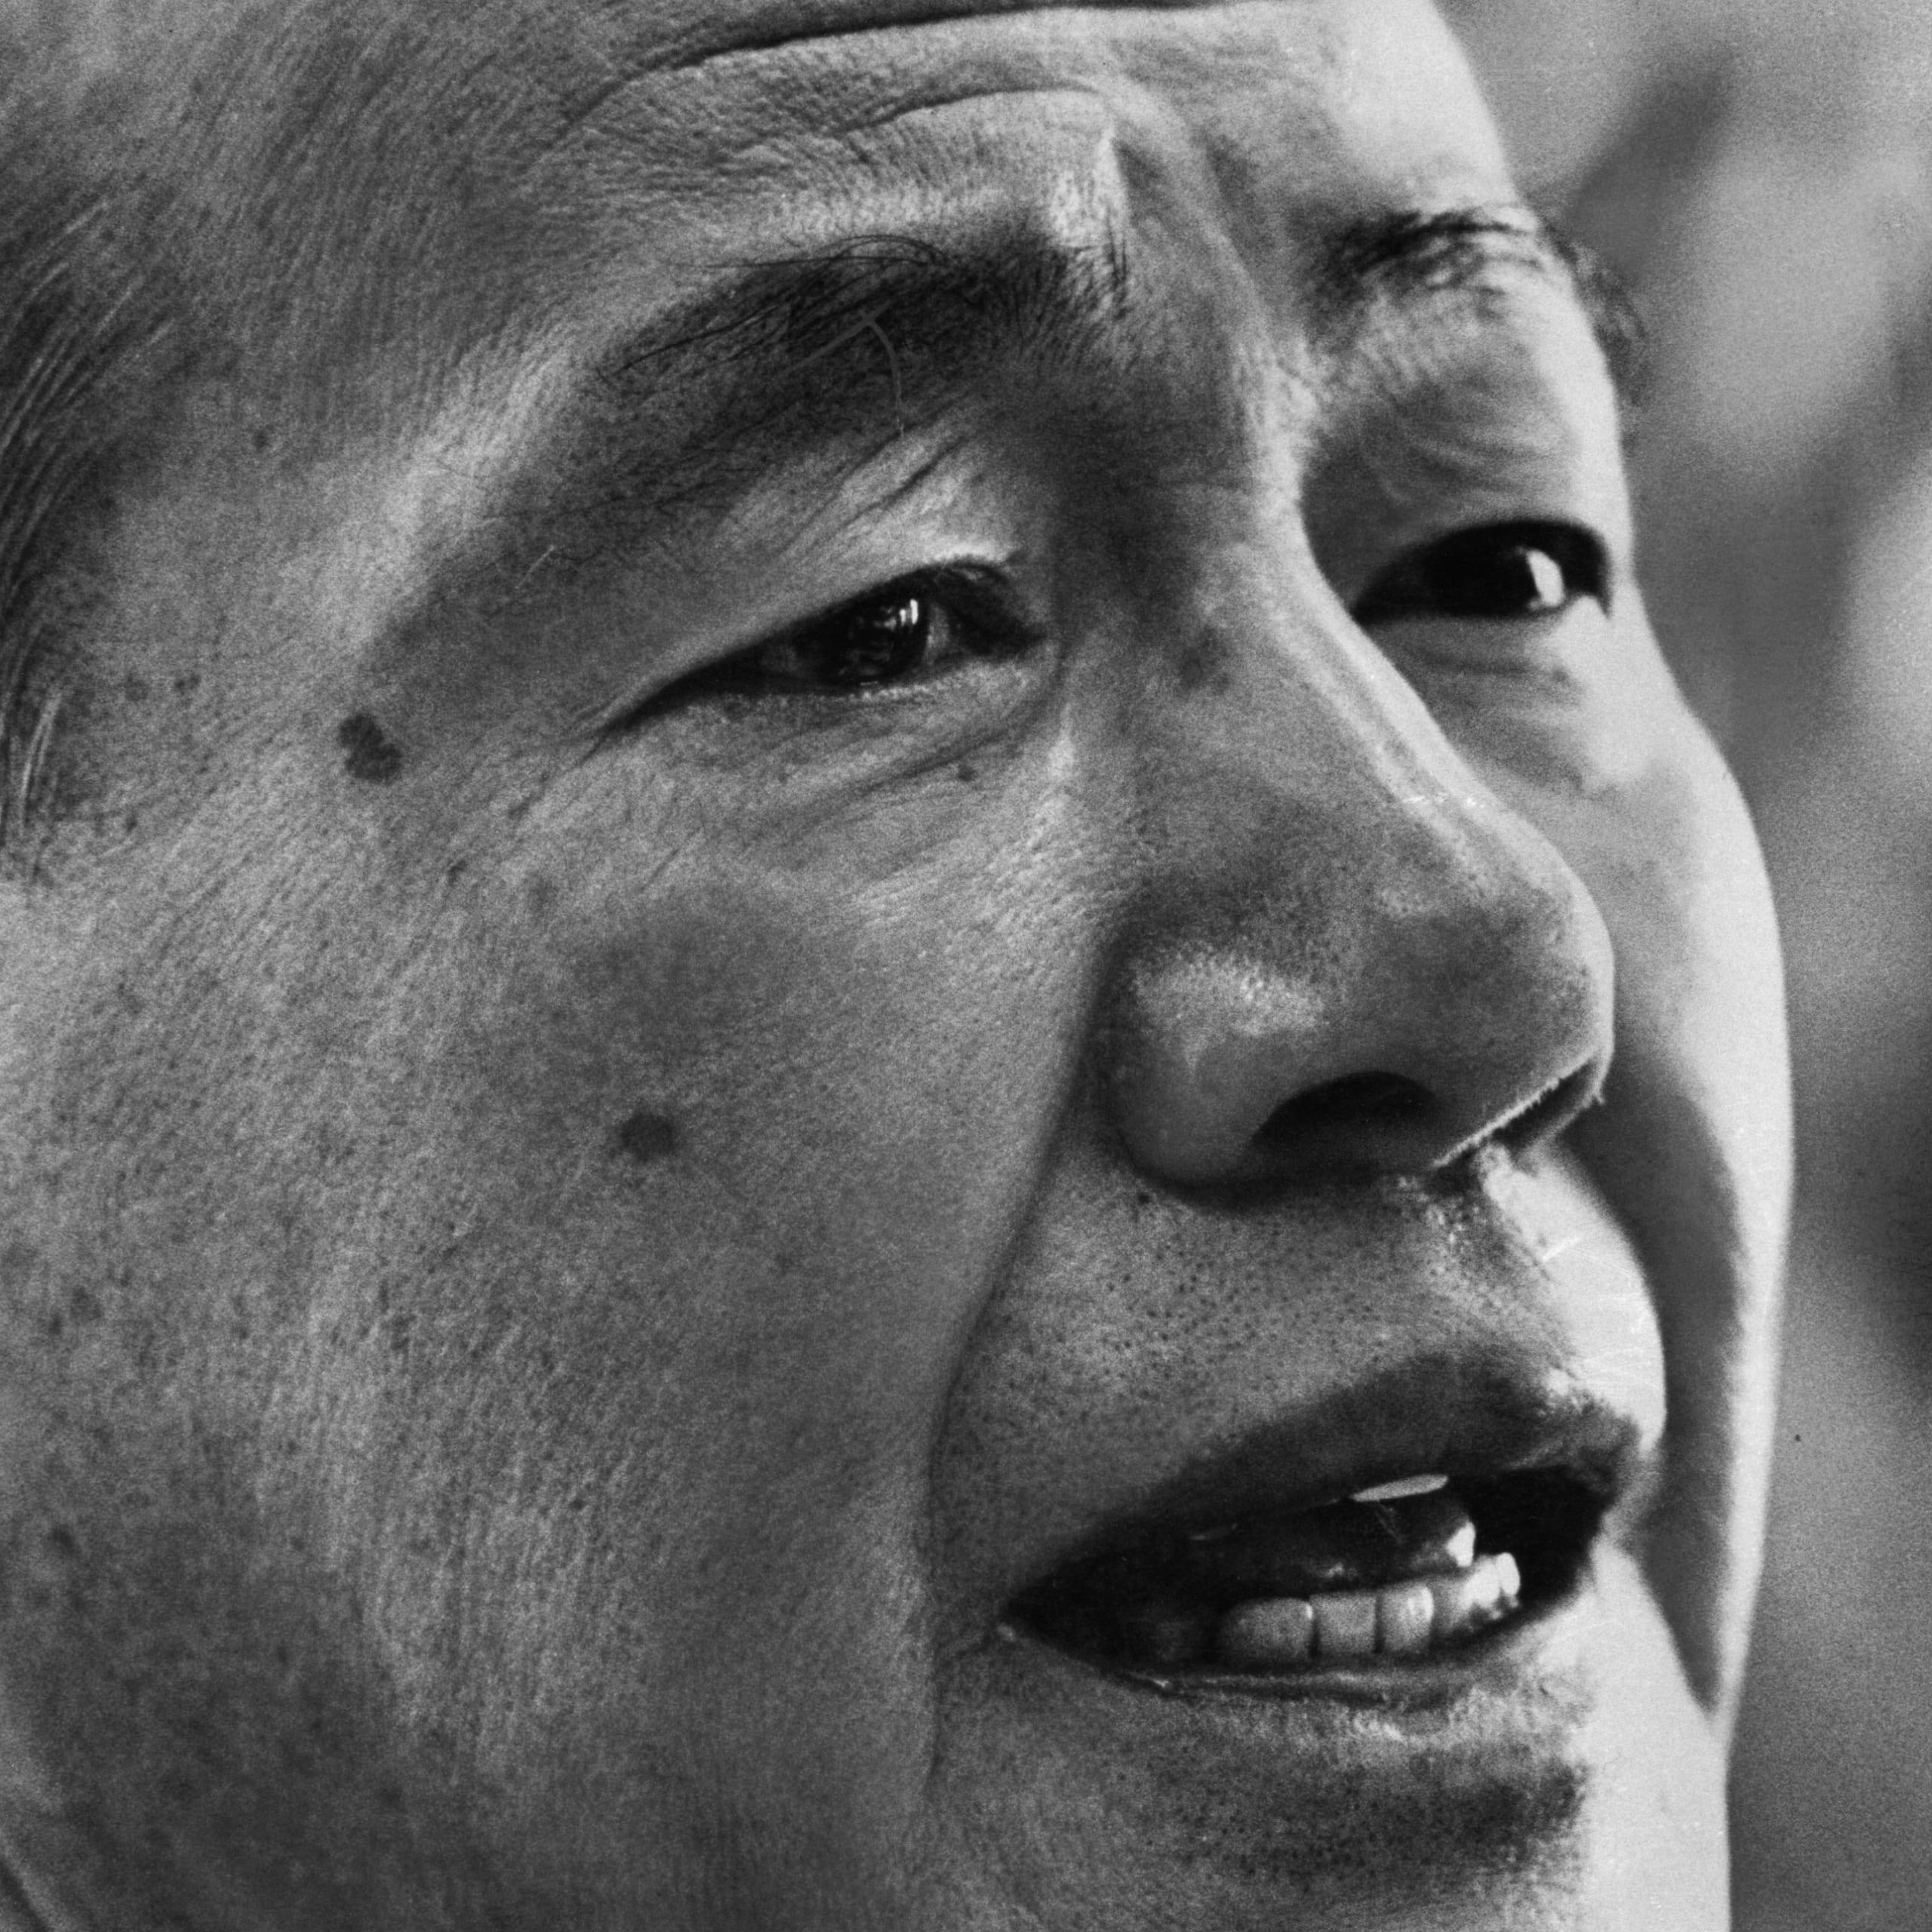 日本人の本質を知っていた田中角栄。「敵を減らすことに意味がある」